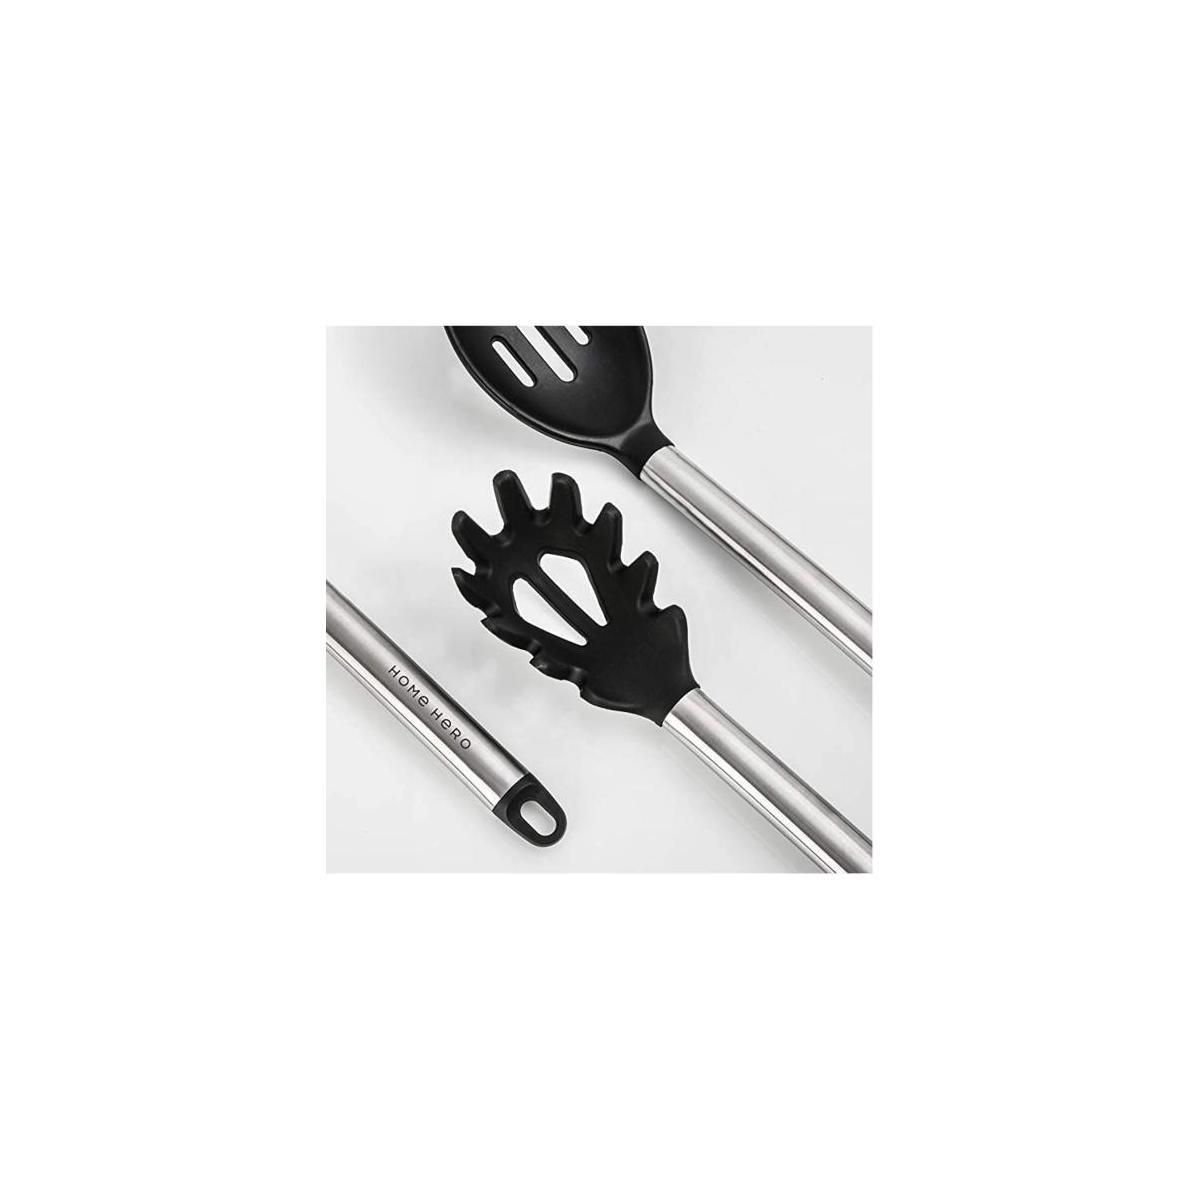 Stainless Steel Kitchen Utensil Set